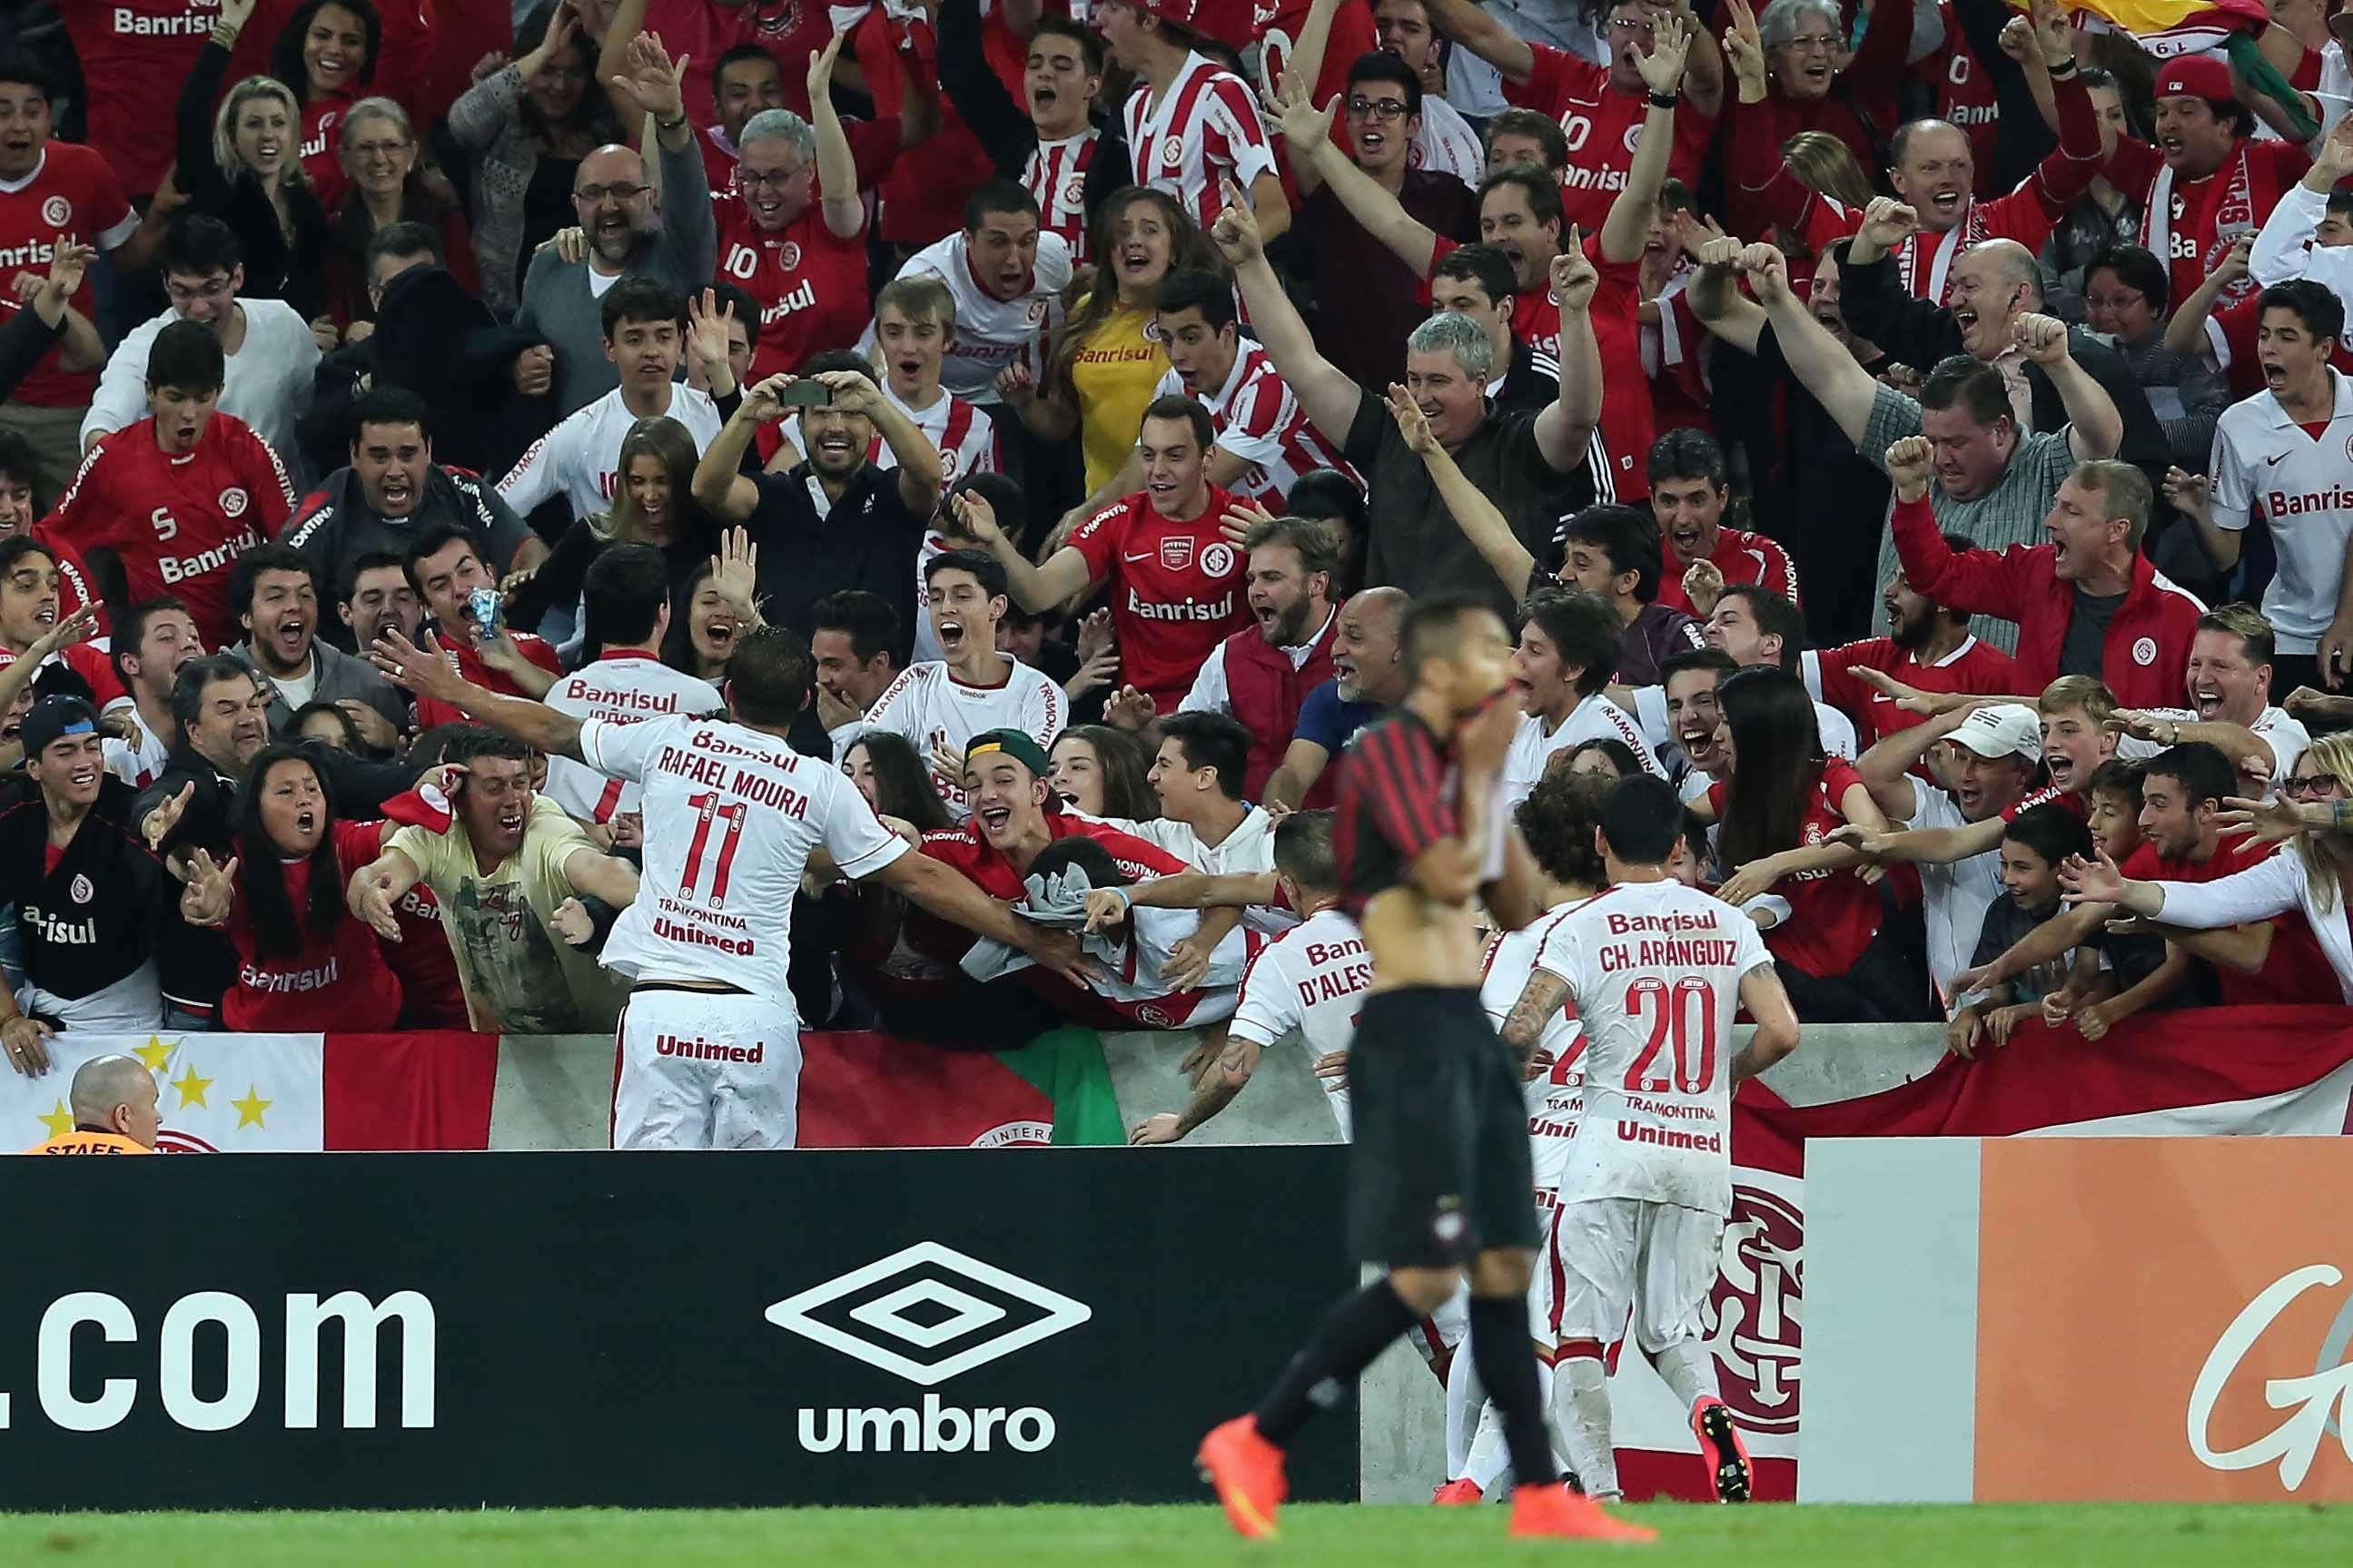 Rafael Moura comemora com a torcida o fim de jejum de gols Foto: Heuler Andrey/Getty Images